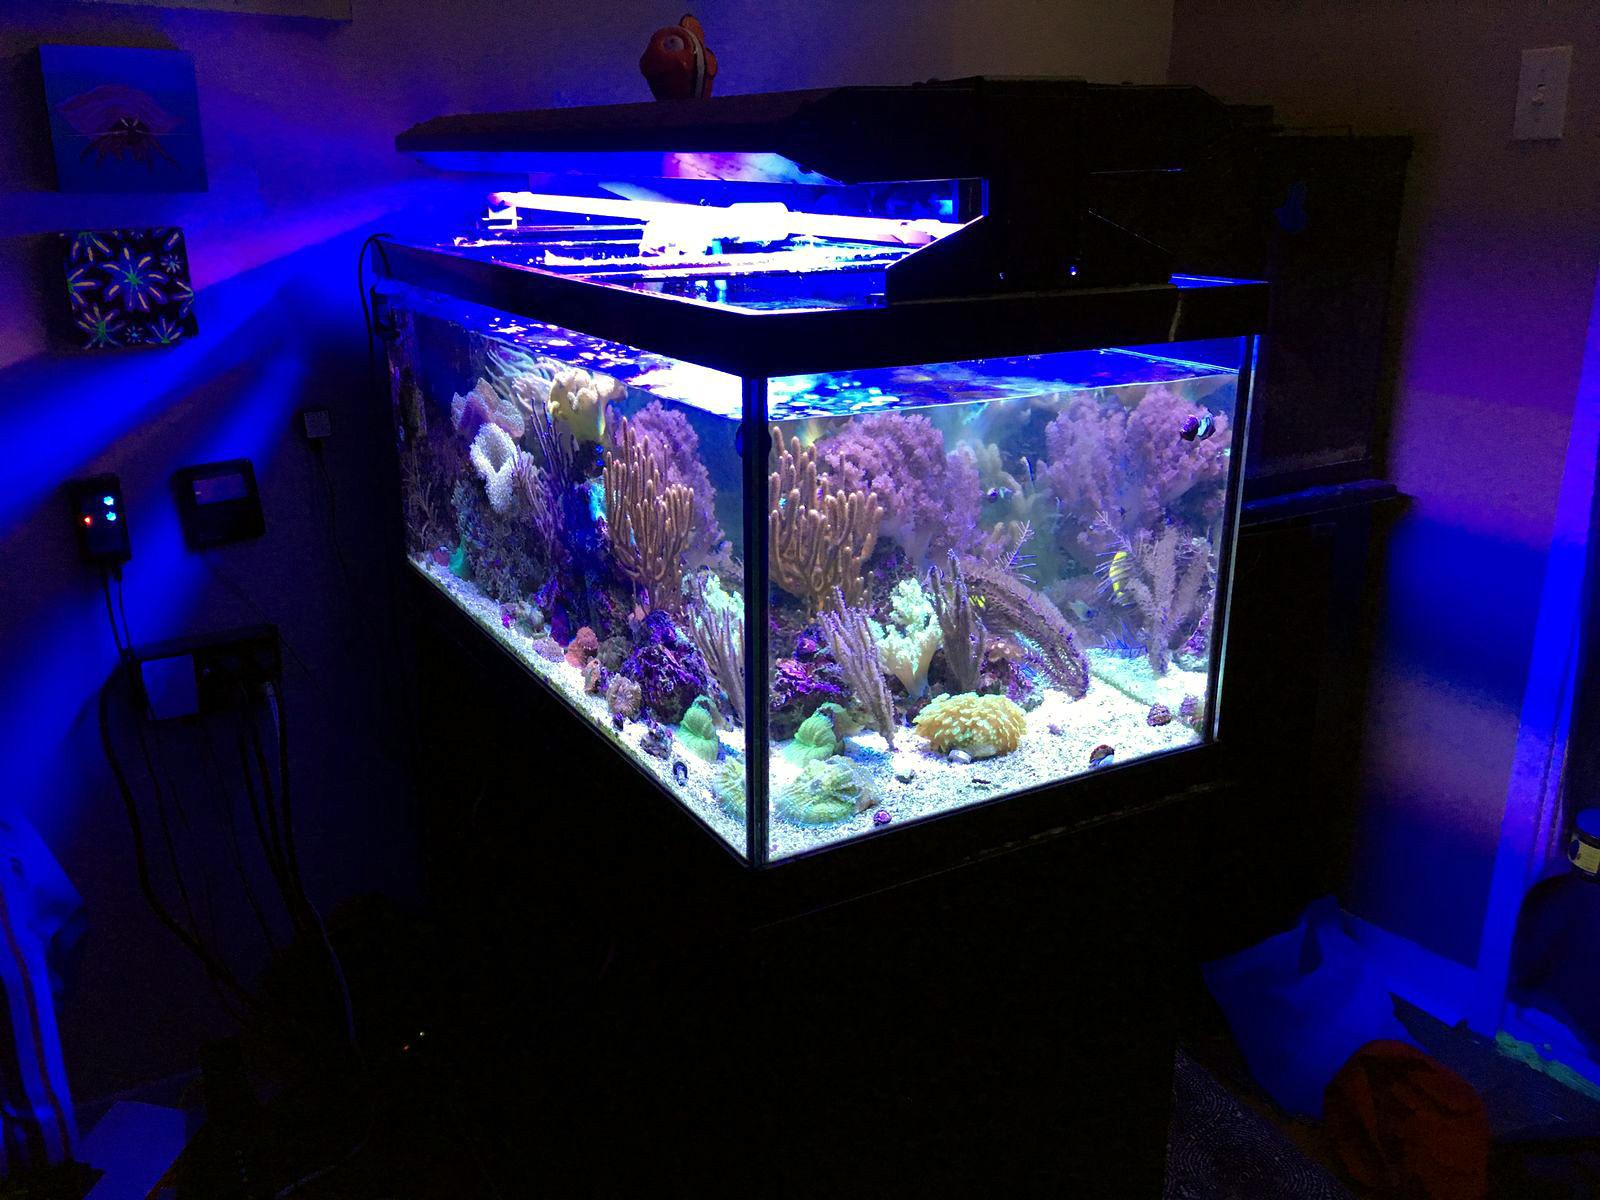 Sharbuckle S 40gal Peninsula Reef Aquarium Display Refugium October 2018 Featured Reef Aquarium